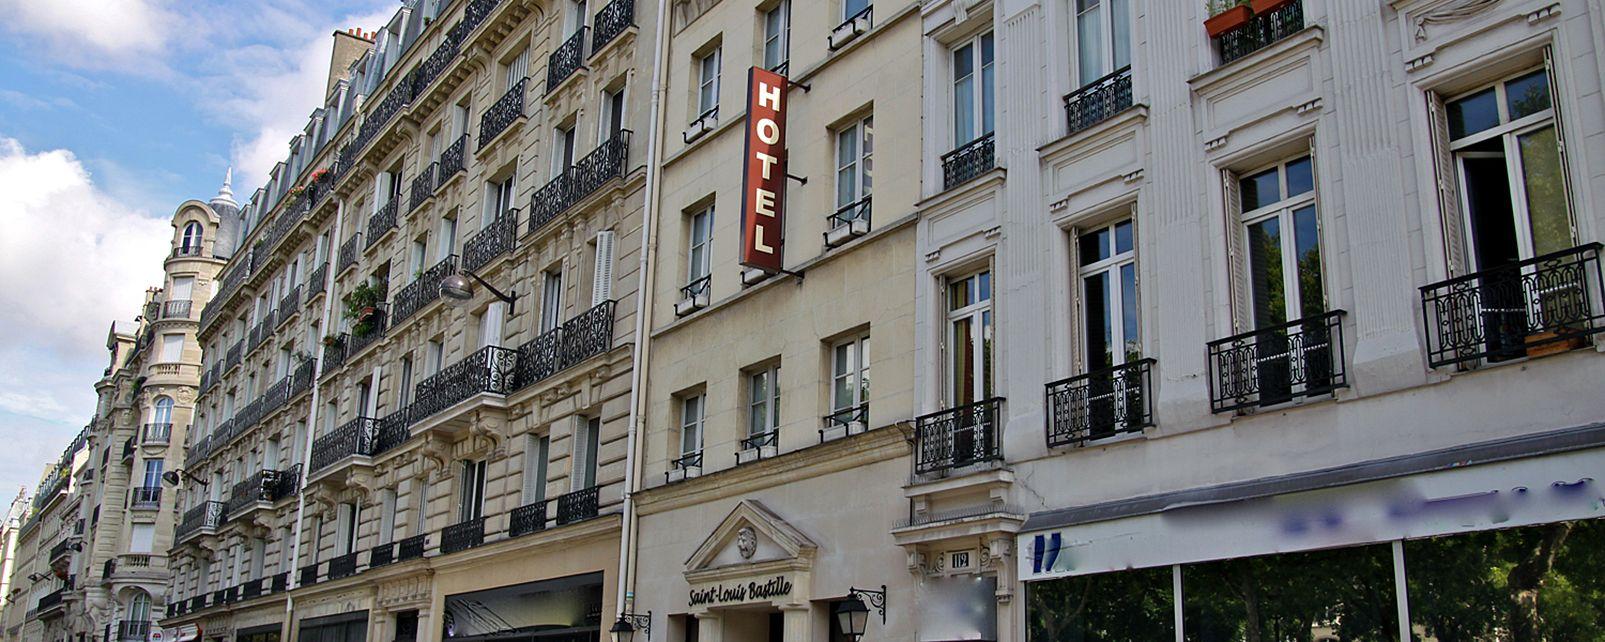 Hotel St Louis Bastille